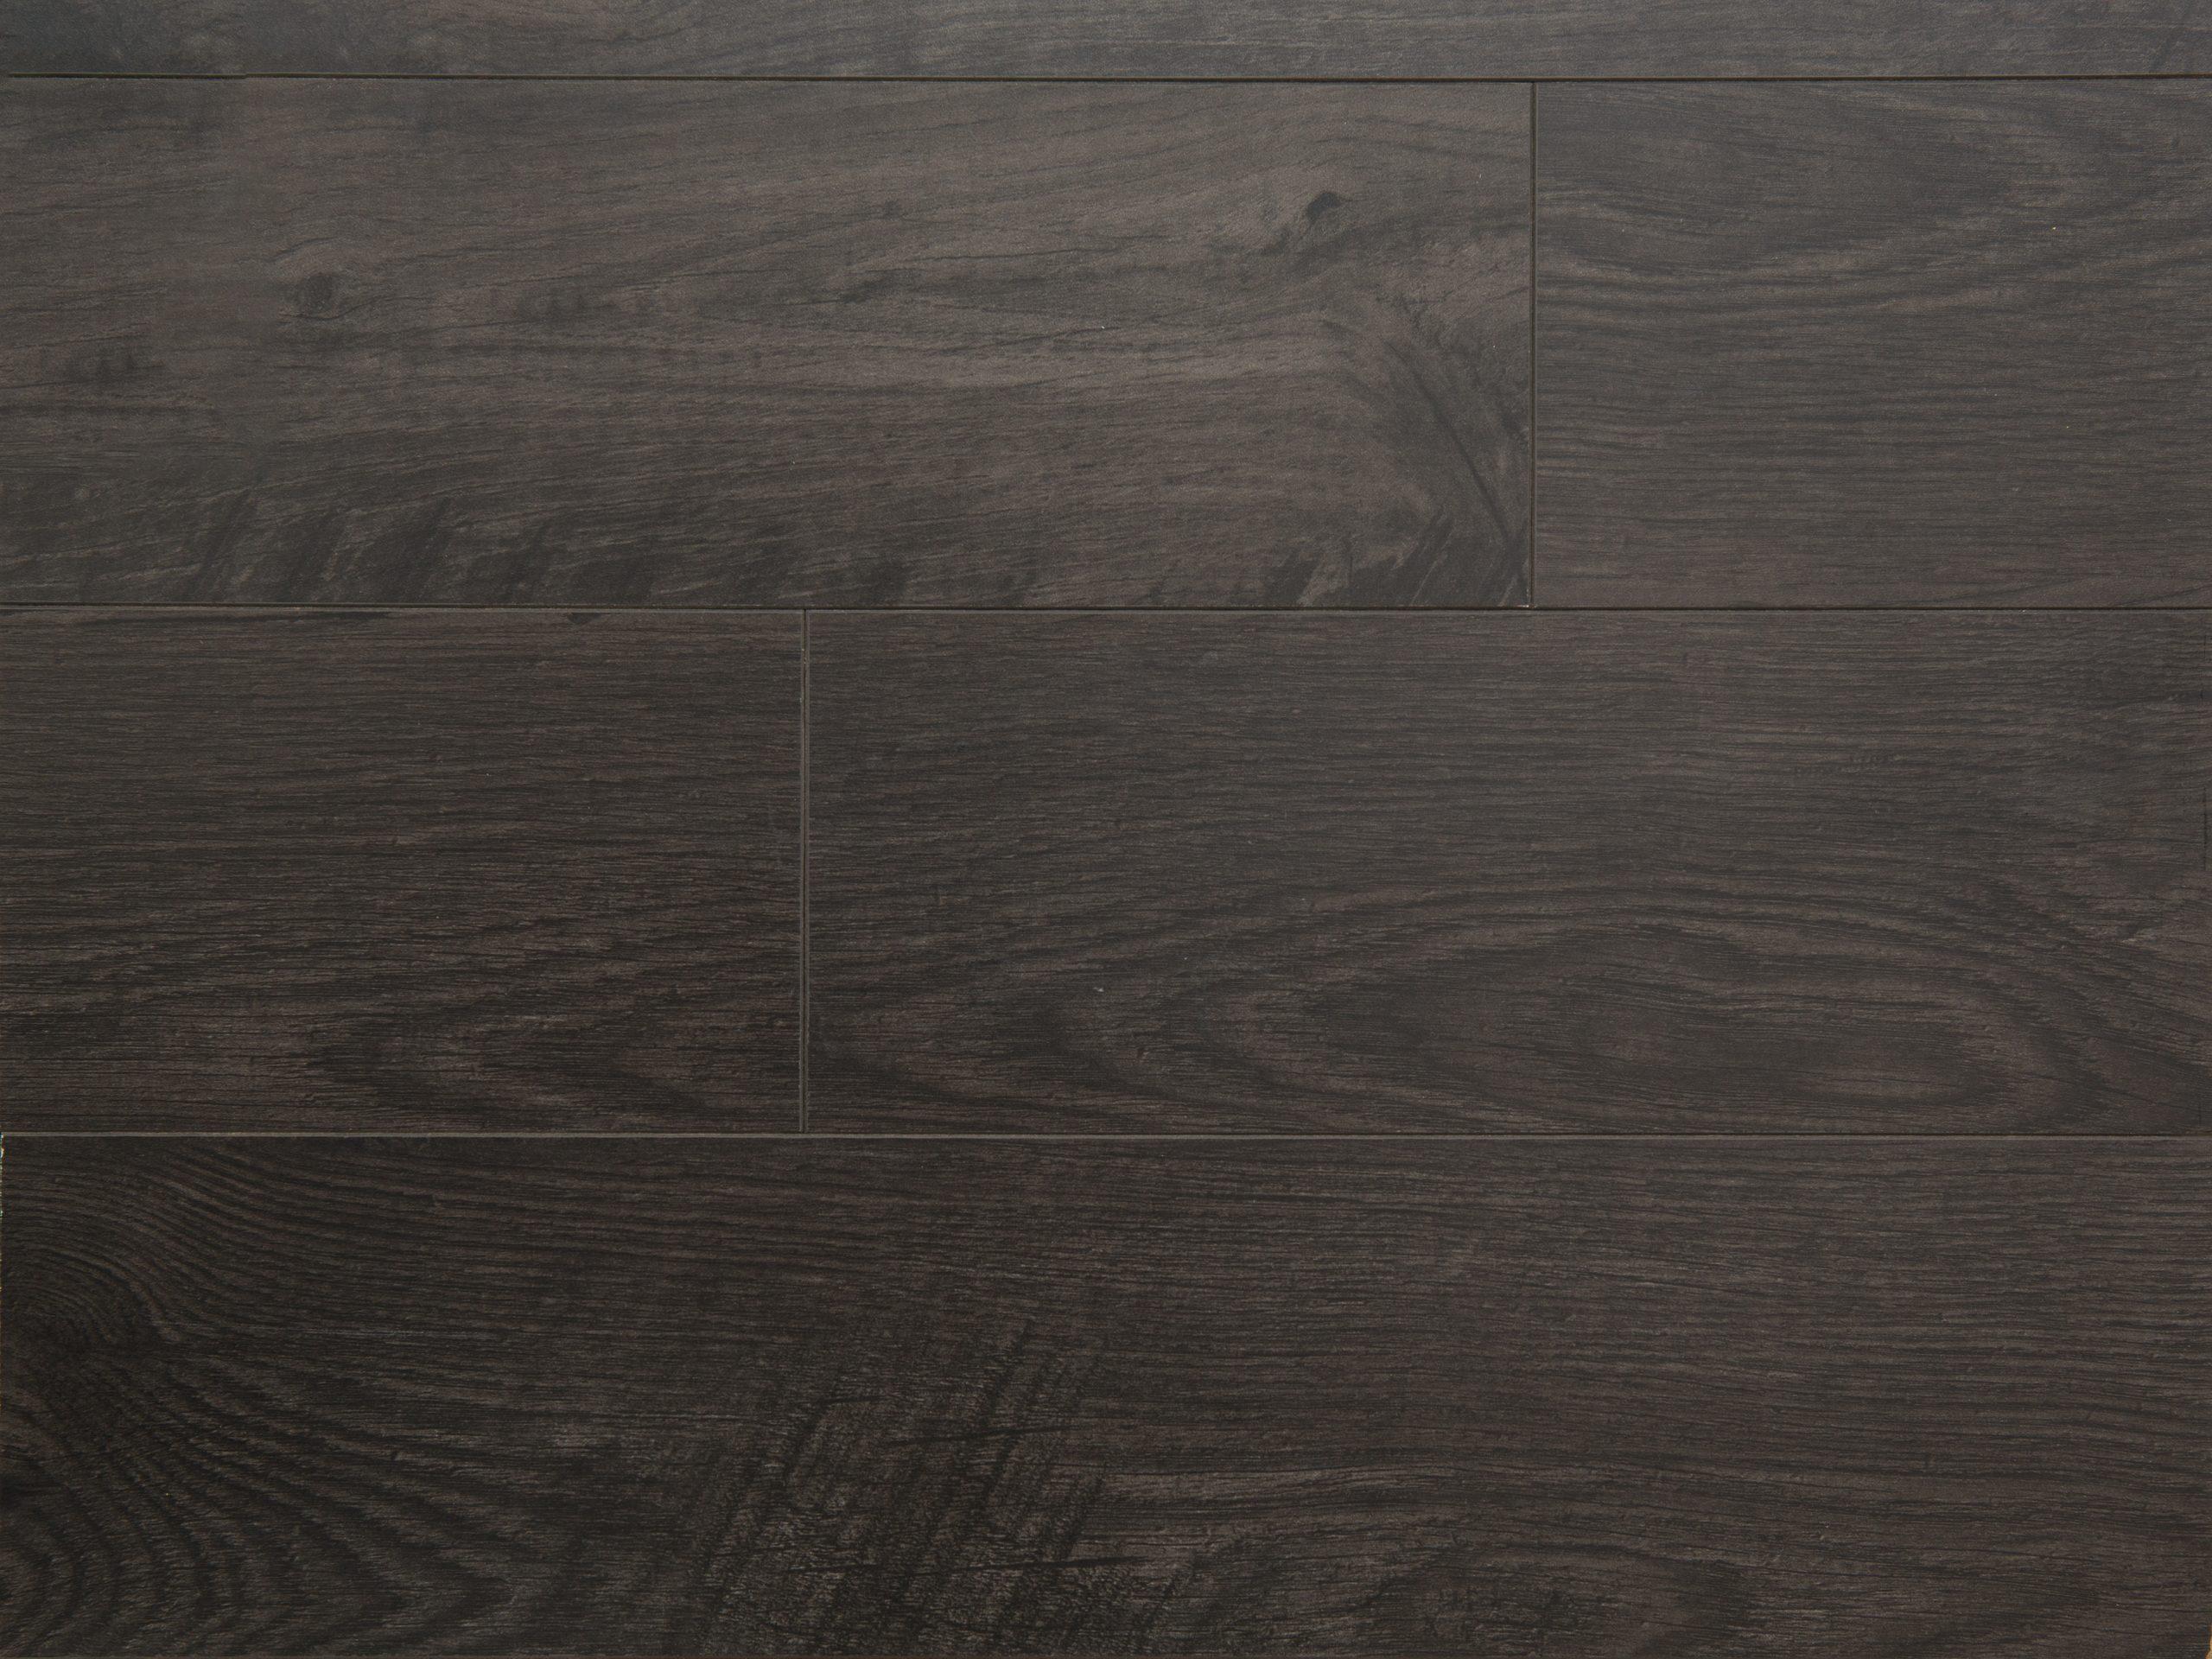 Lifestepp 12 3 Mm Estate Premium, Estate Living Laminate Flooring